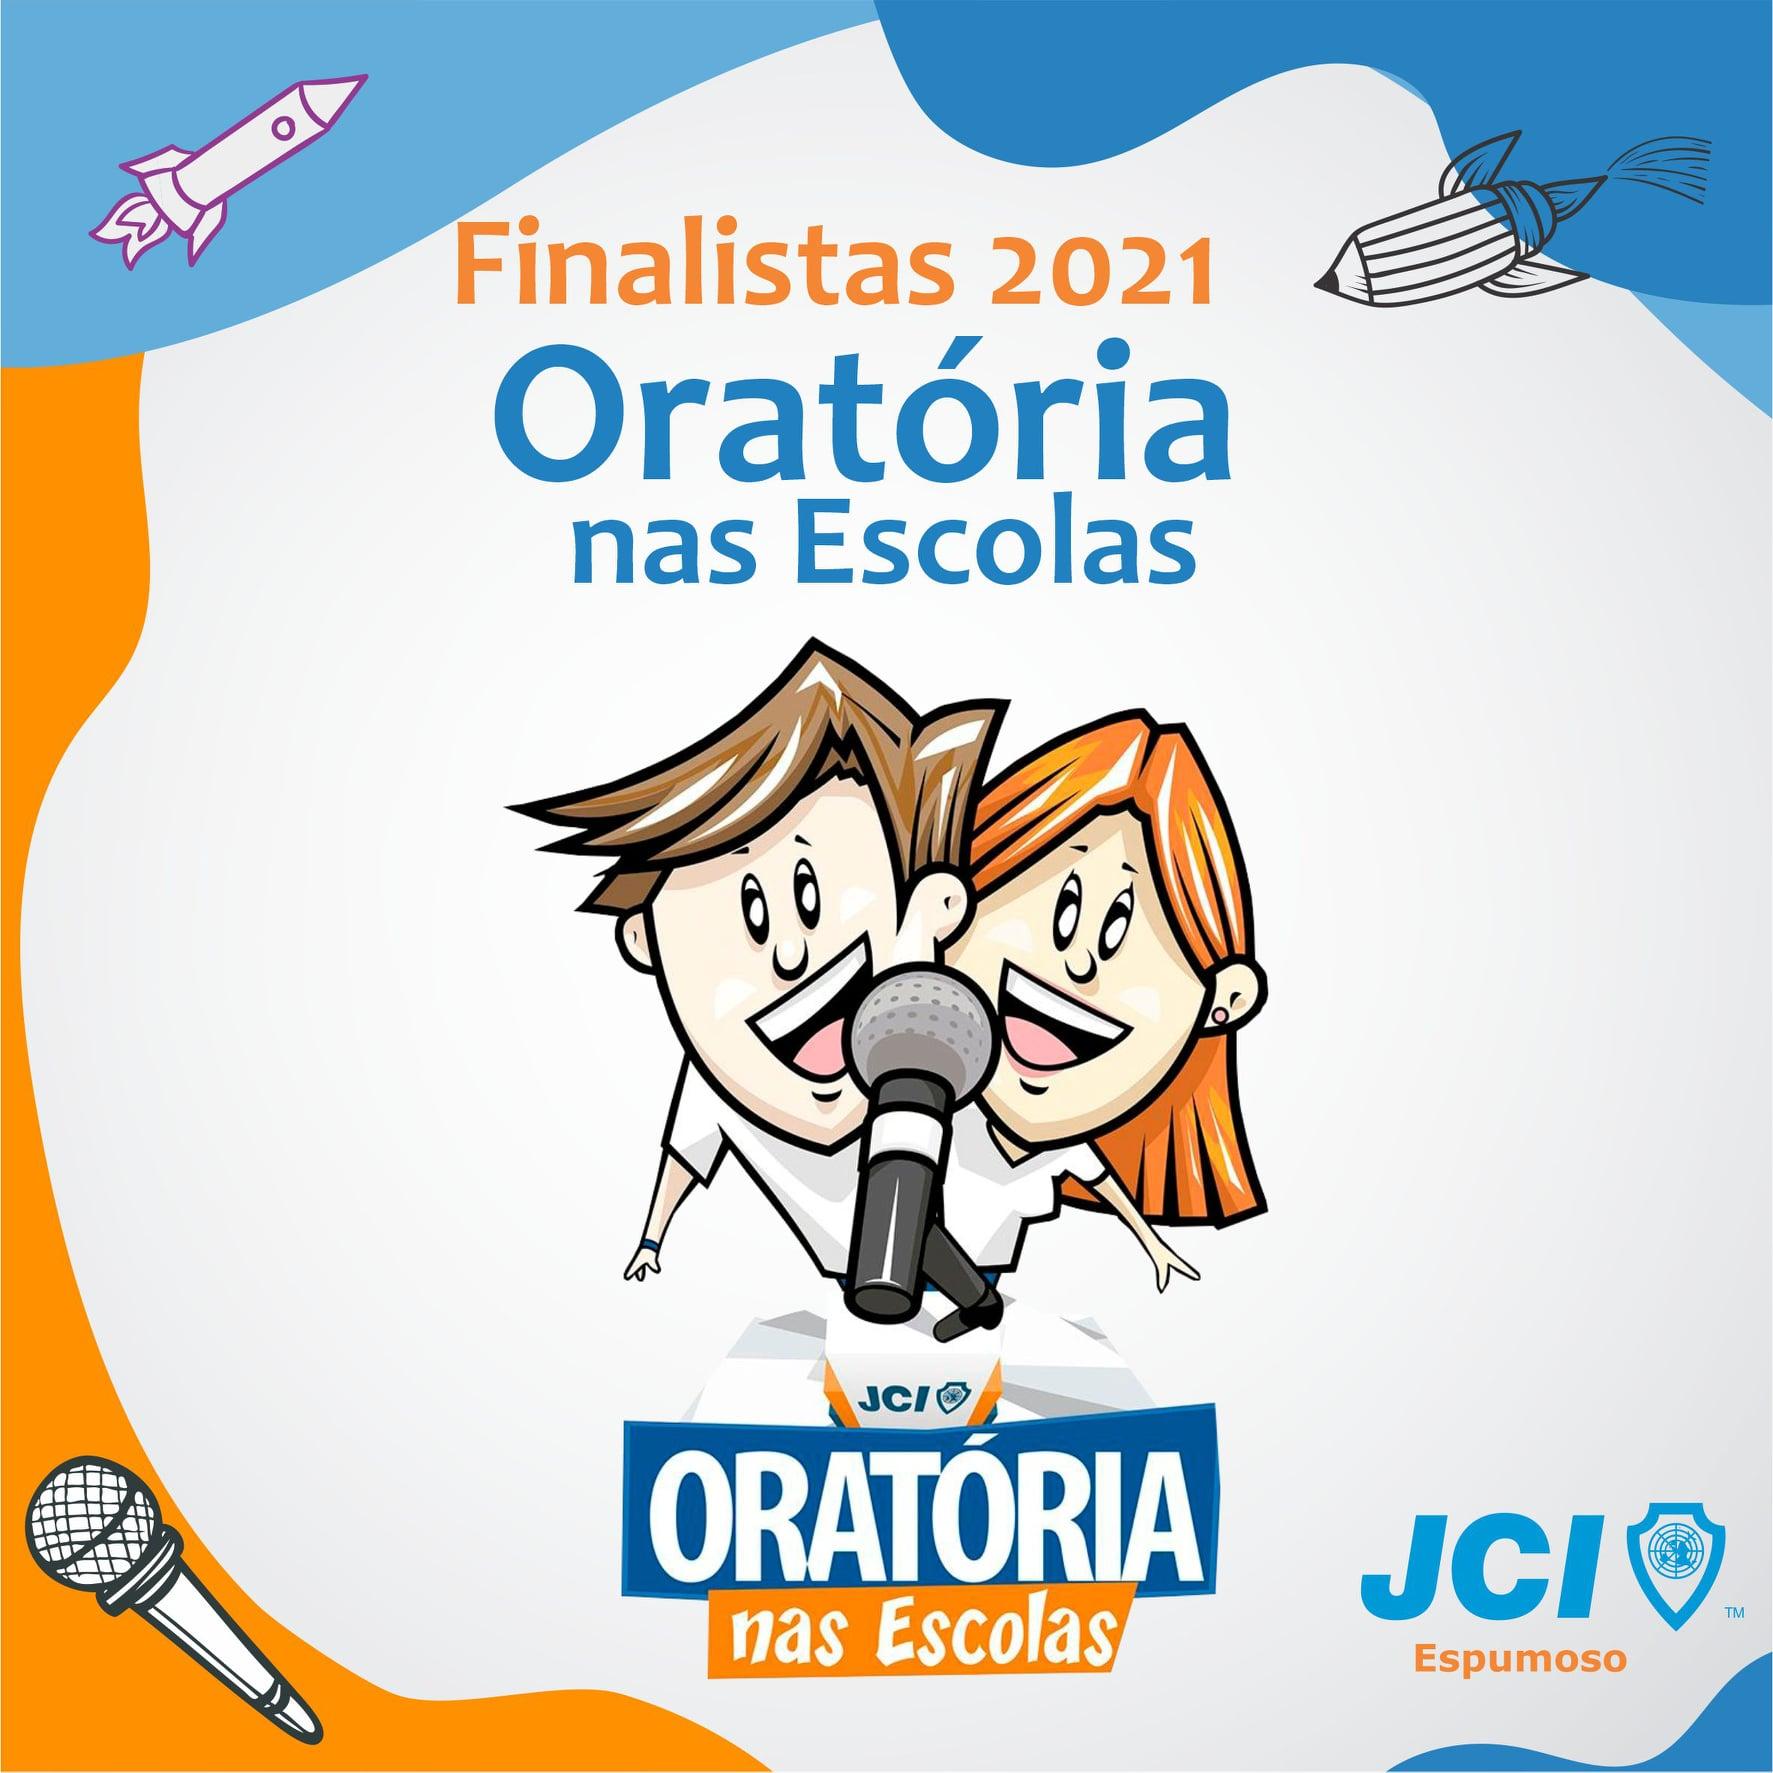 JCI de Espumoso realiza final do Projeto de Oratória, Redação e Desenho no dia 15 de julho